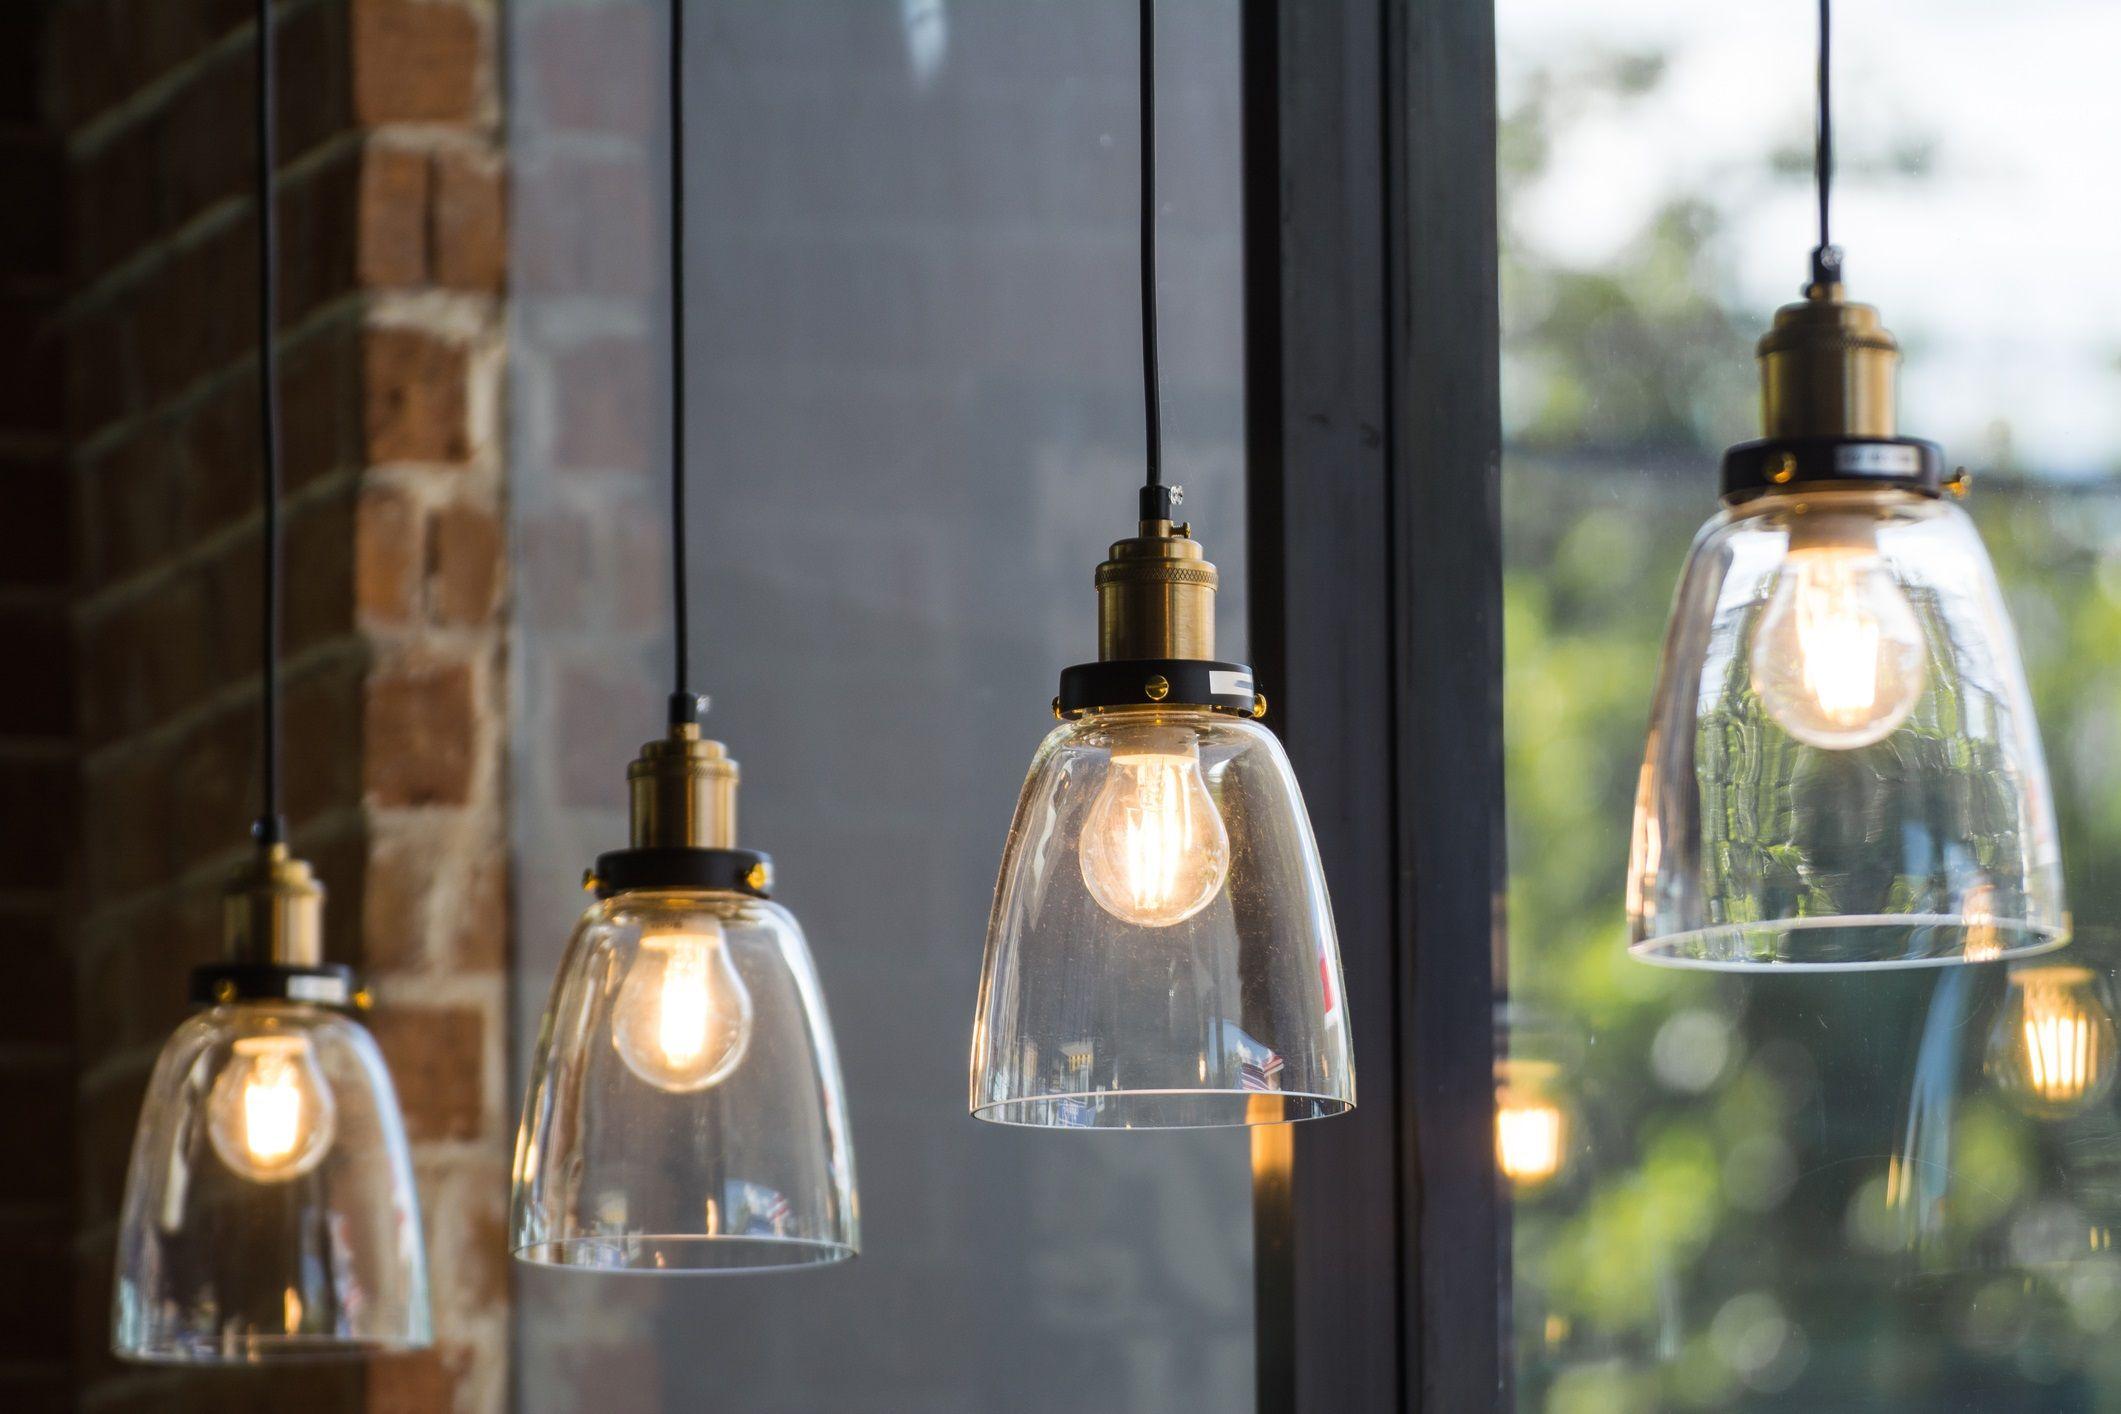 salg leilighet lamper